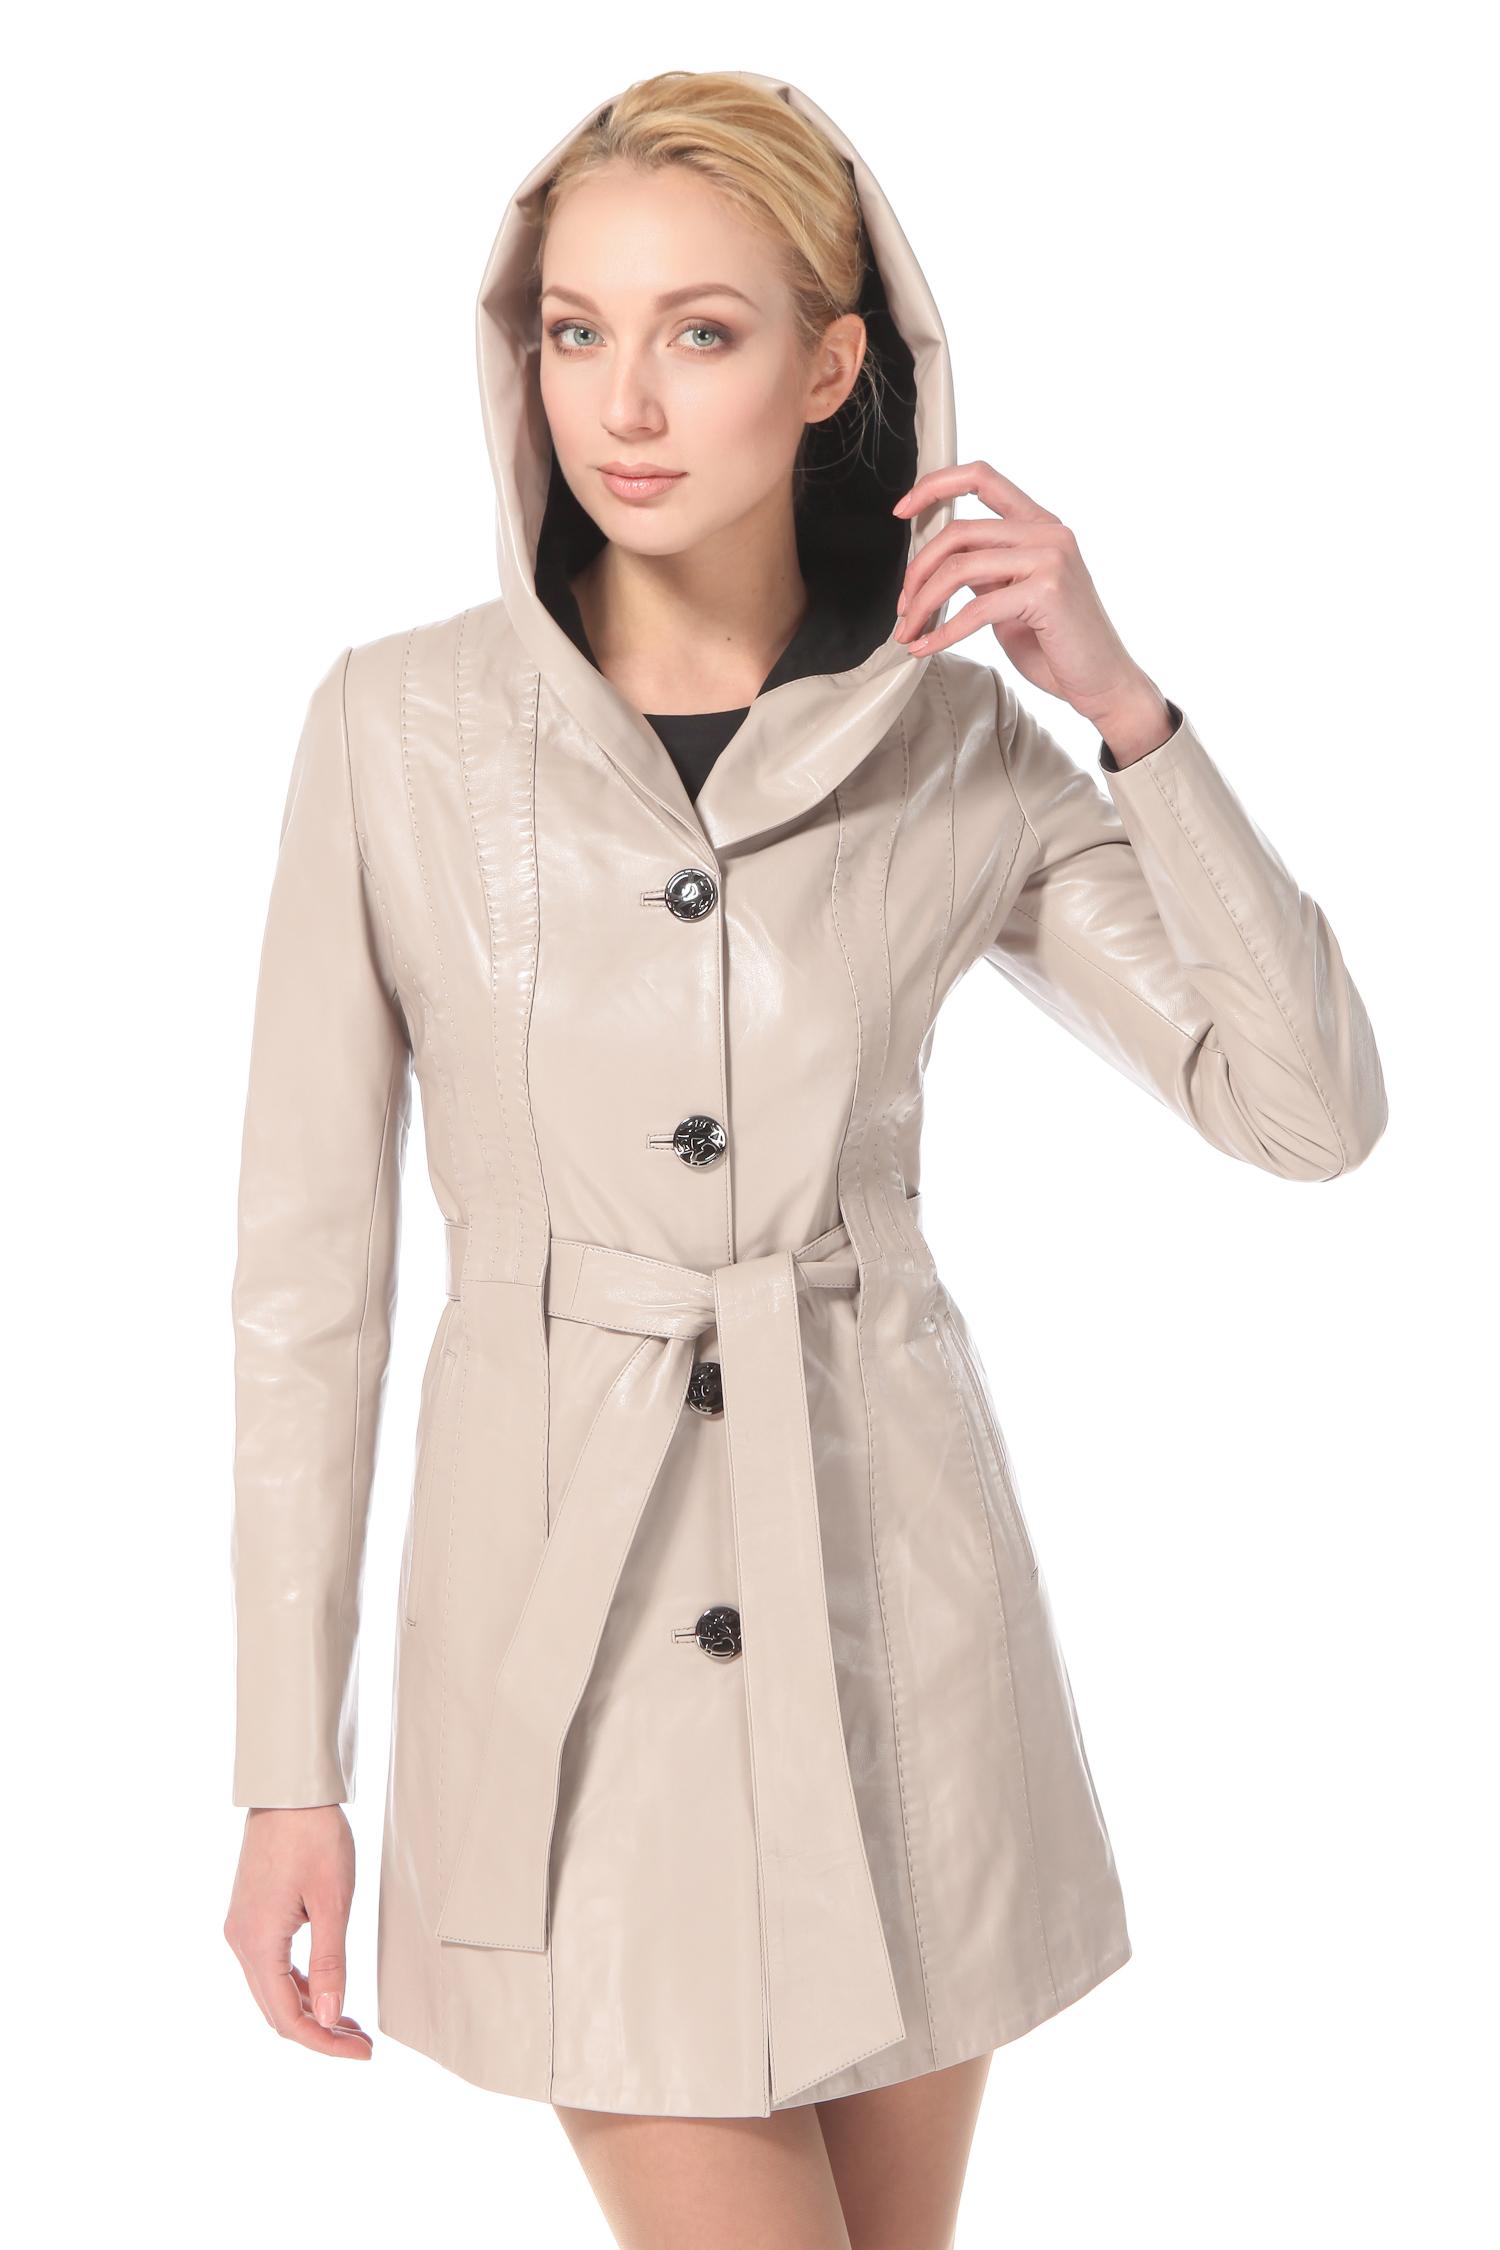 Женское кожаное пальто из натуральной кожи с капюшоном, без отделки от Московская Меховая Компания